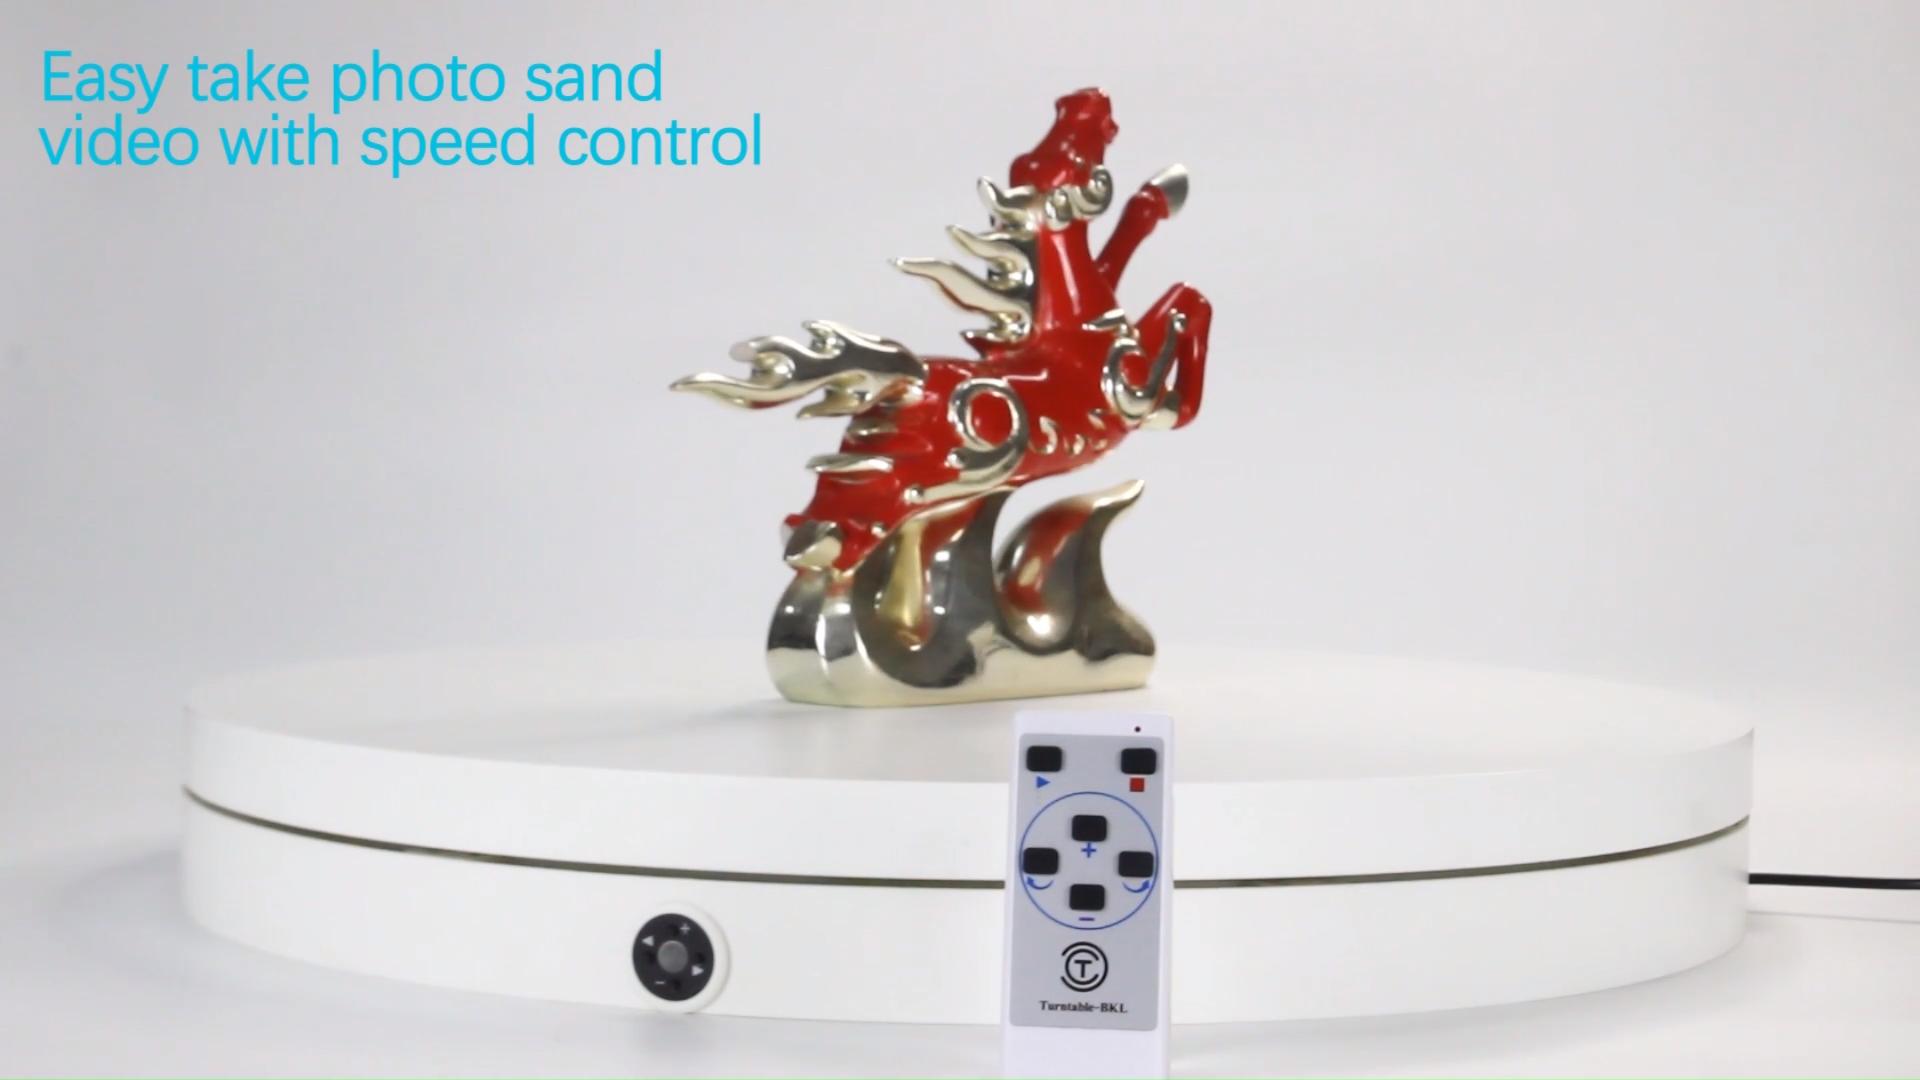 ターンテーブル-bkl 60 センチメートル 360 度フォトキャプチャターンテーブルリモコン電動回転写真撮影ディスプレイスタンド